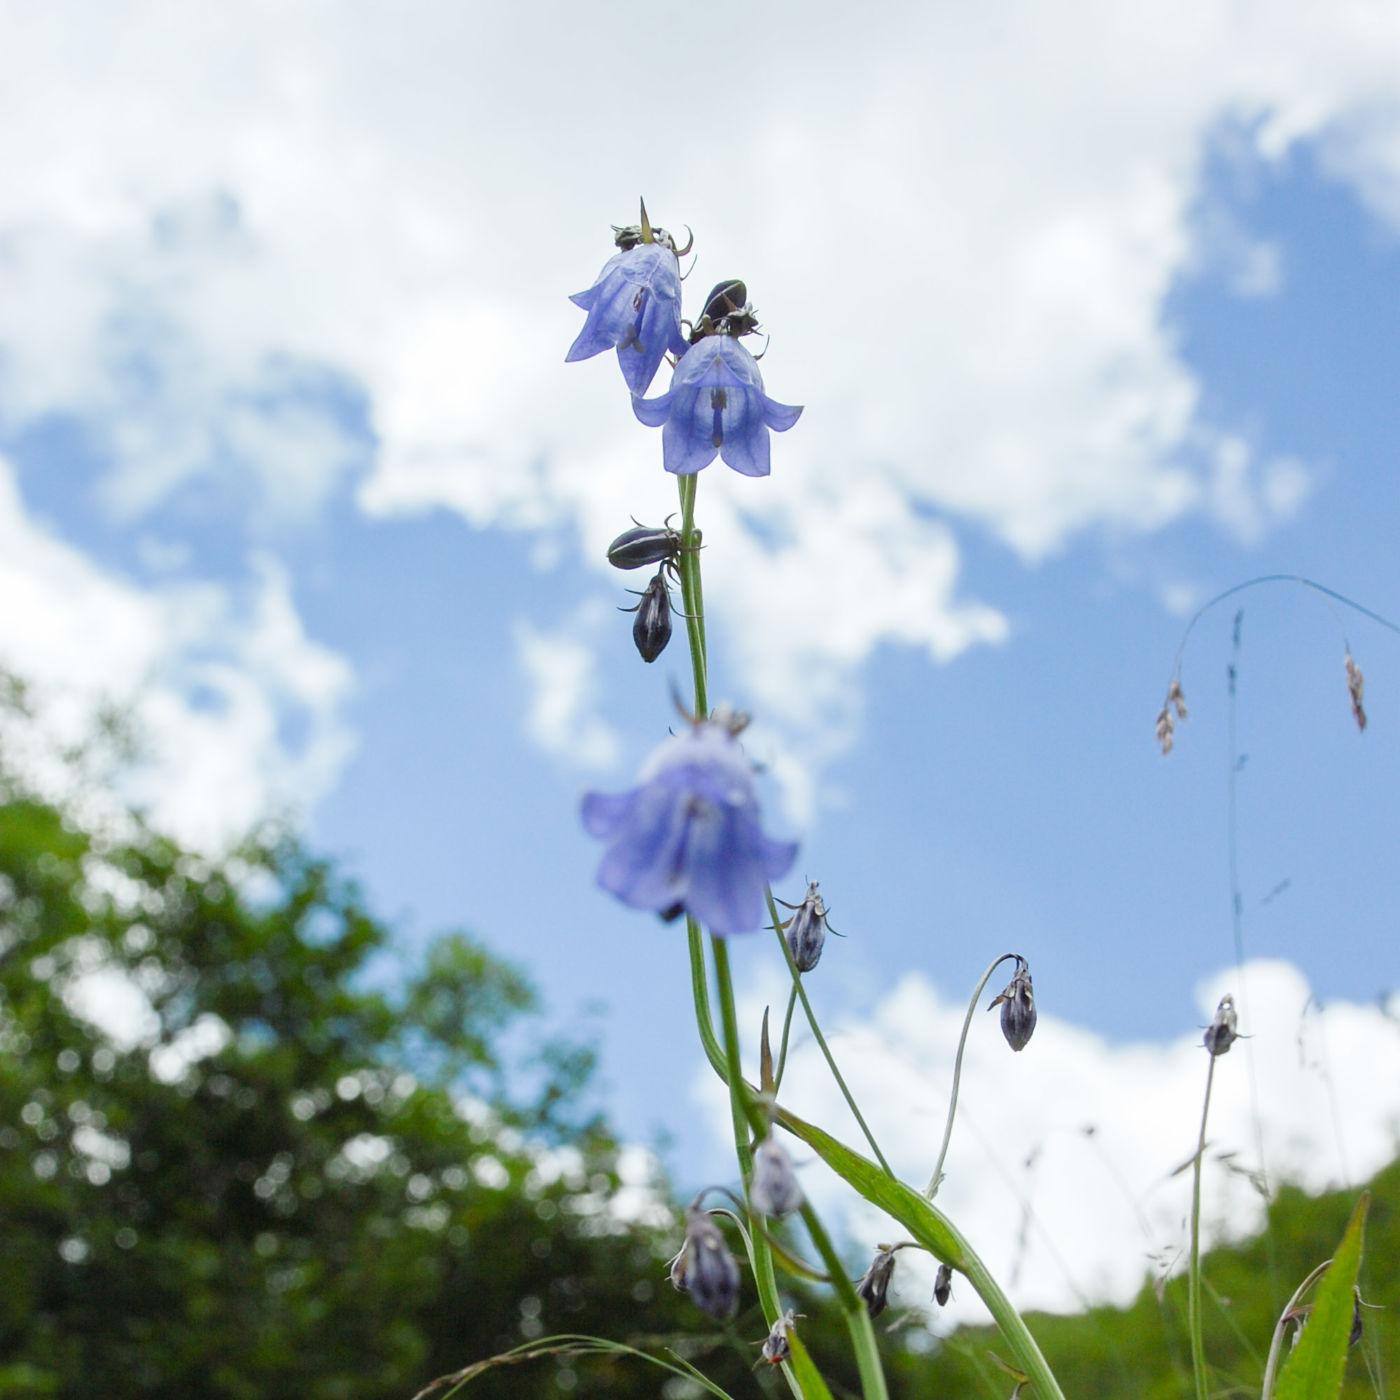 黄龍 高山植物 青 花